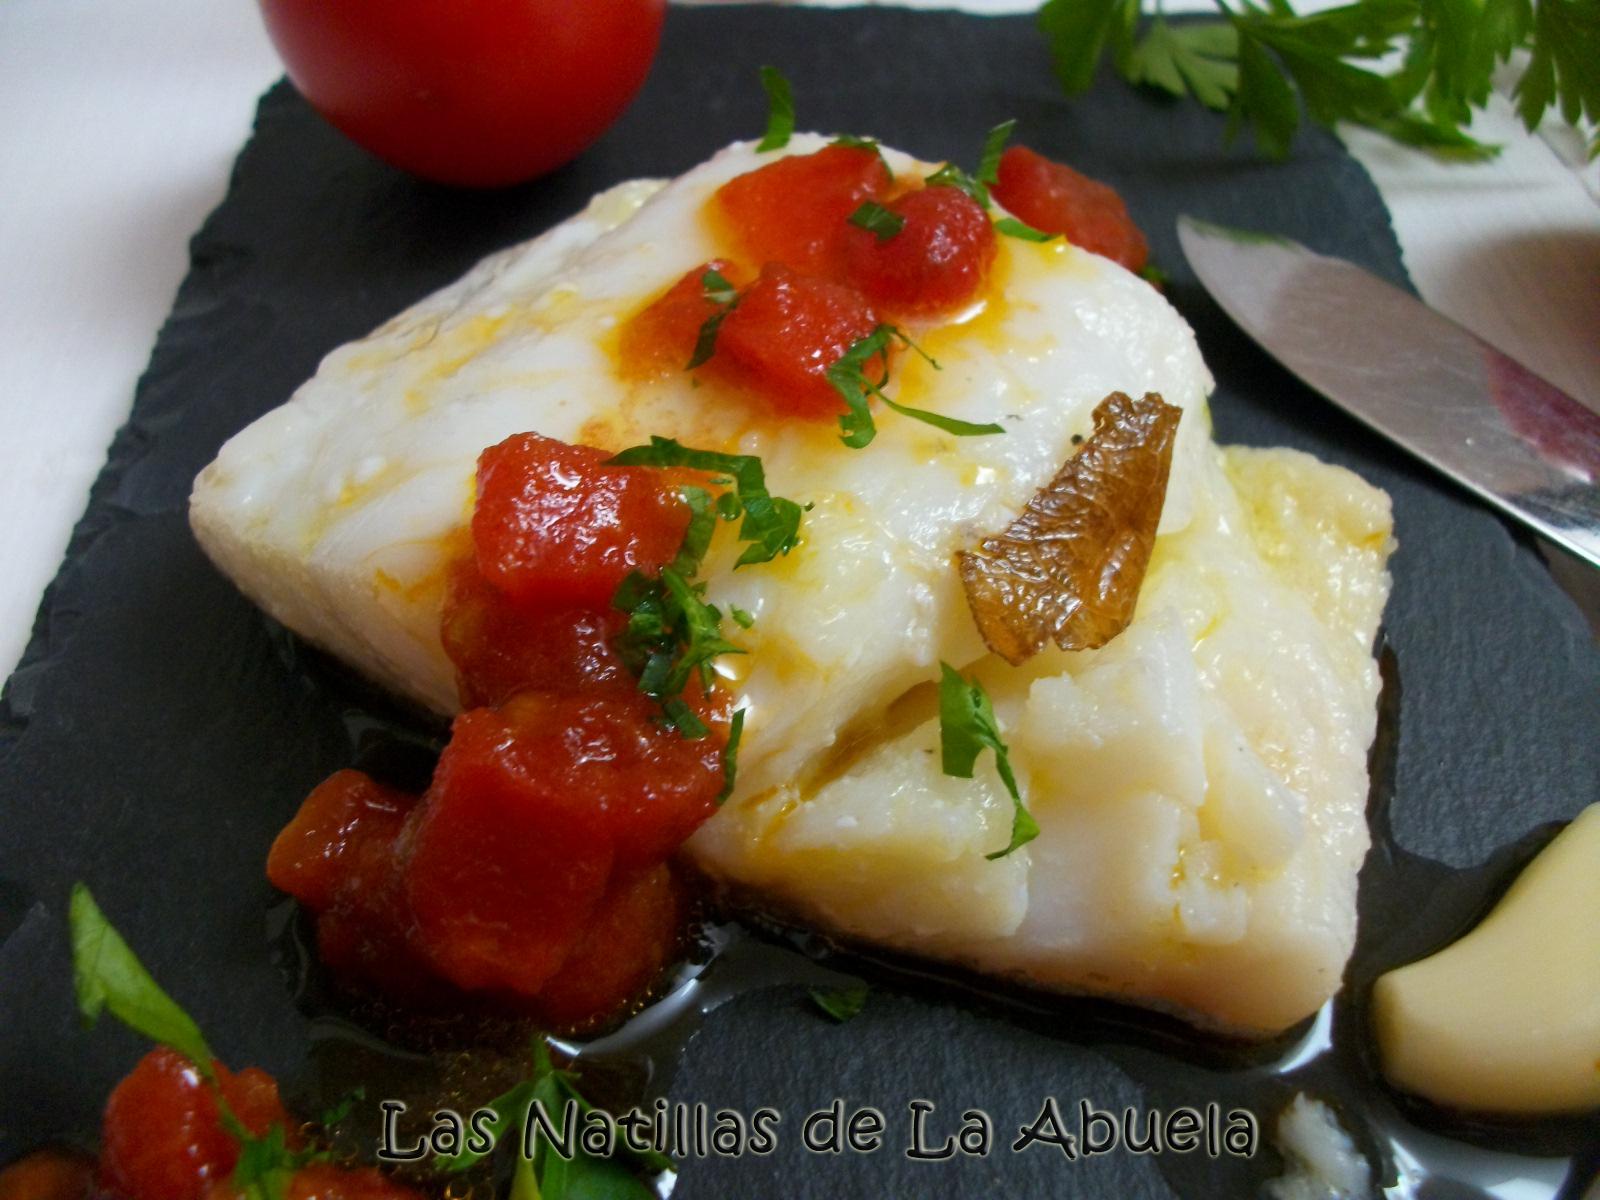 Cocinar Bacalao Con Tomate | Las Natillas De La Abuela Bacalao Confitado Con Vinagreta De